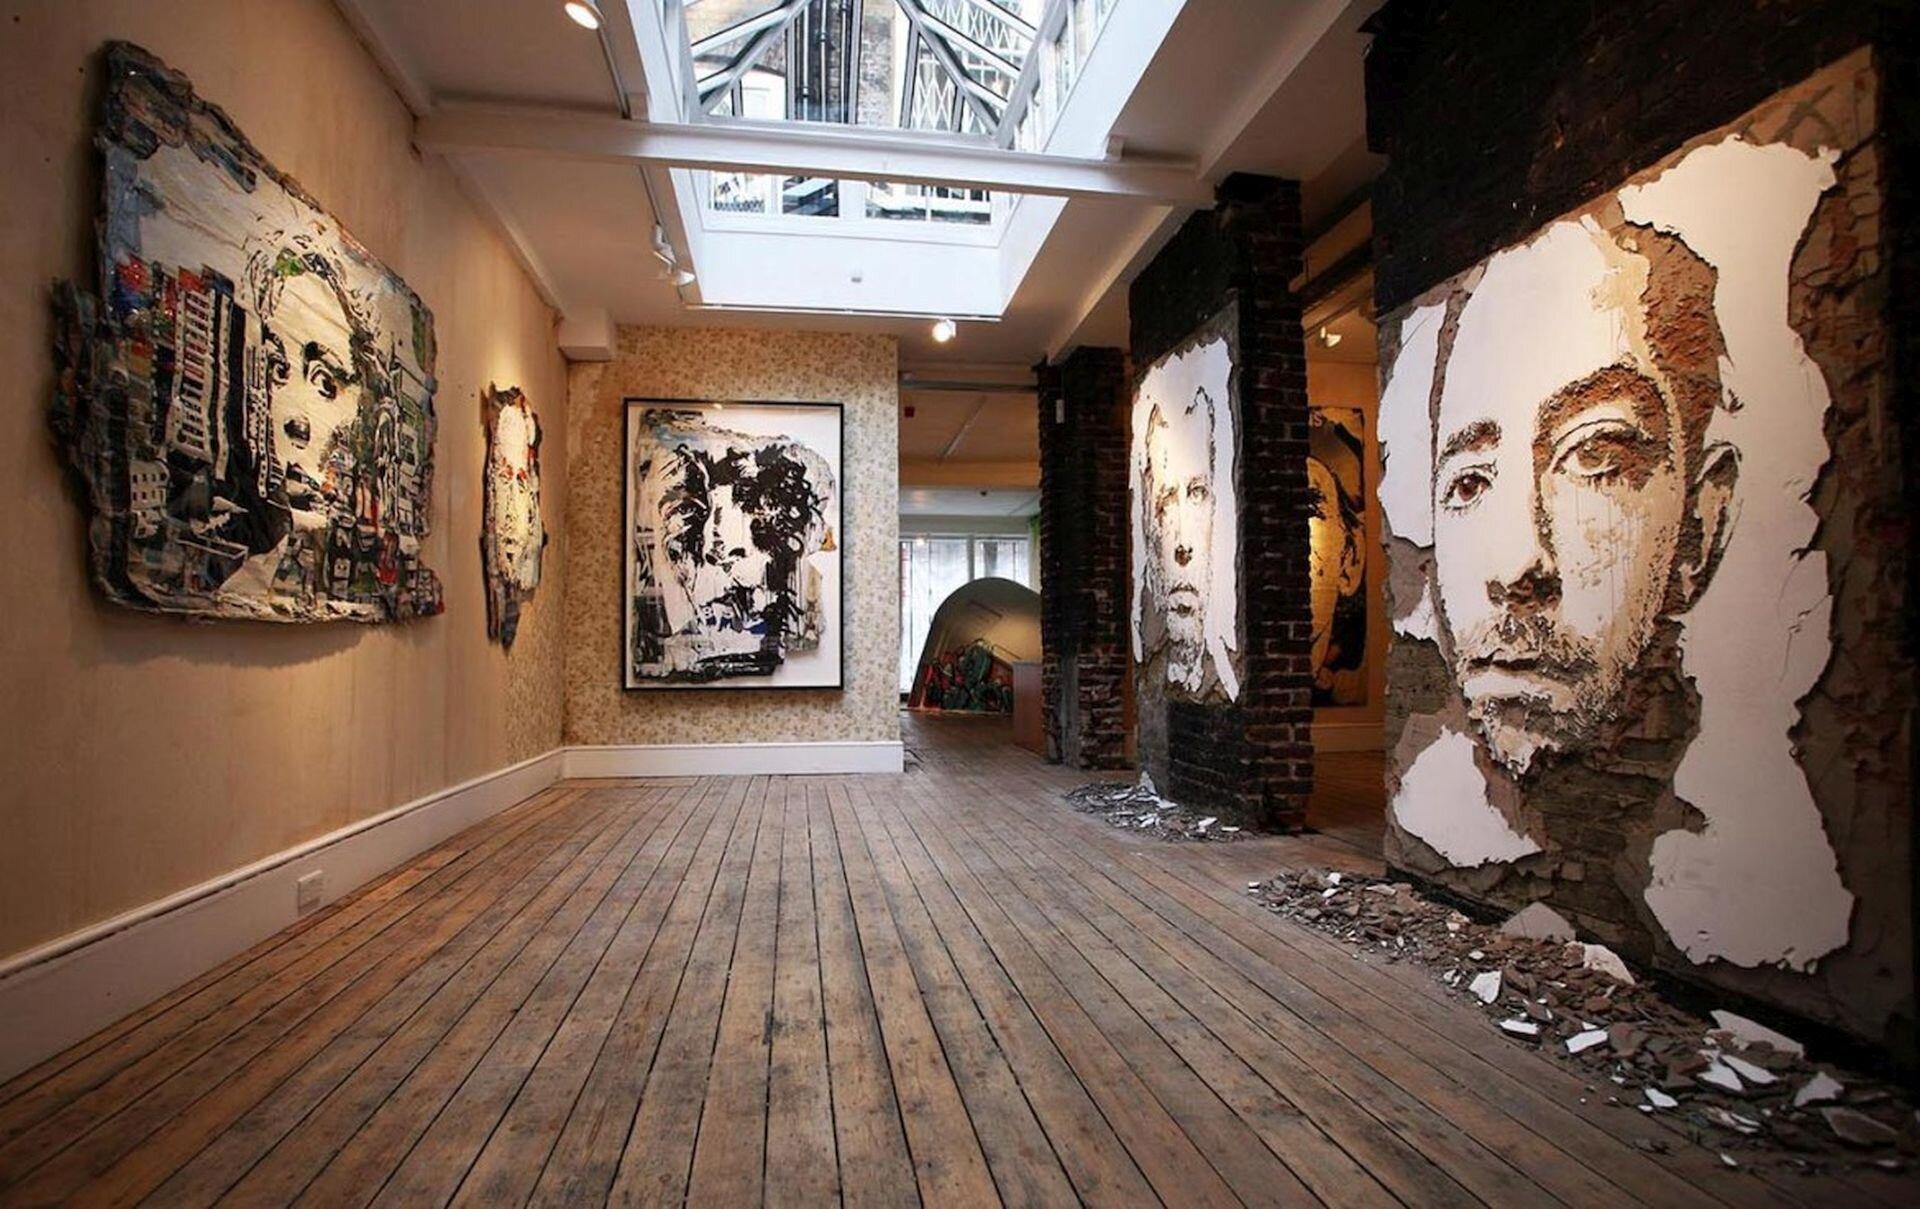 Zdjęcie przedstawia wnętrze galerii. Na ścianach ukazane są graffiti przedstawiające twarze.